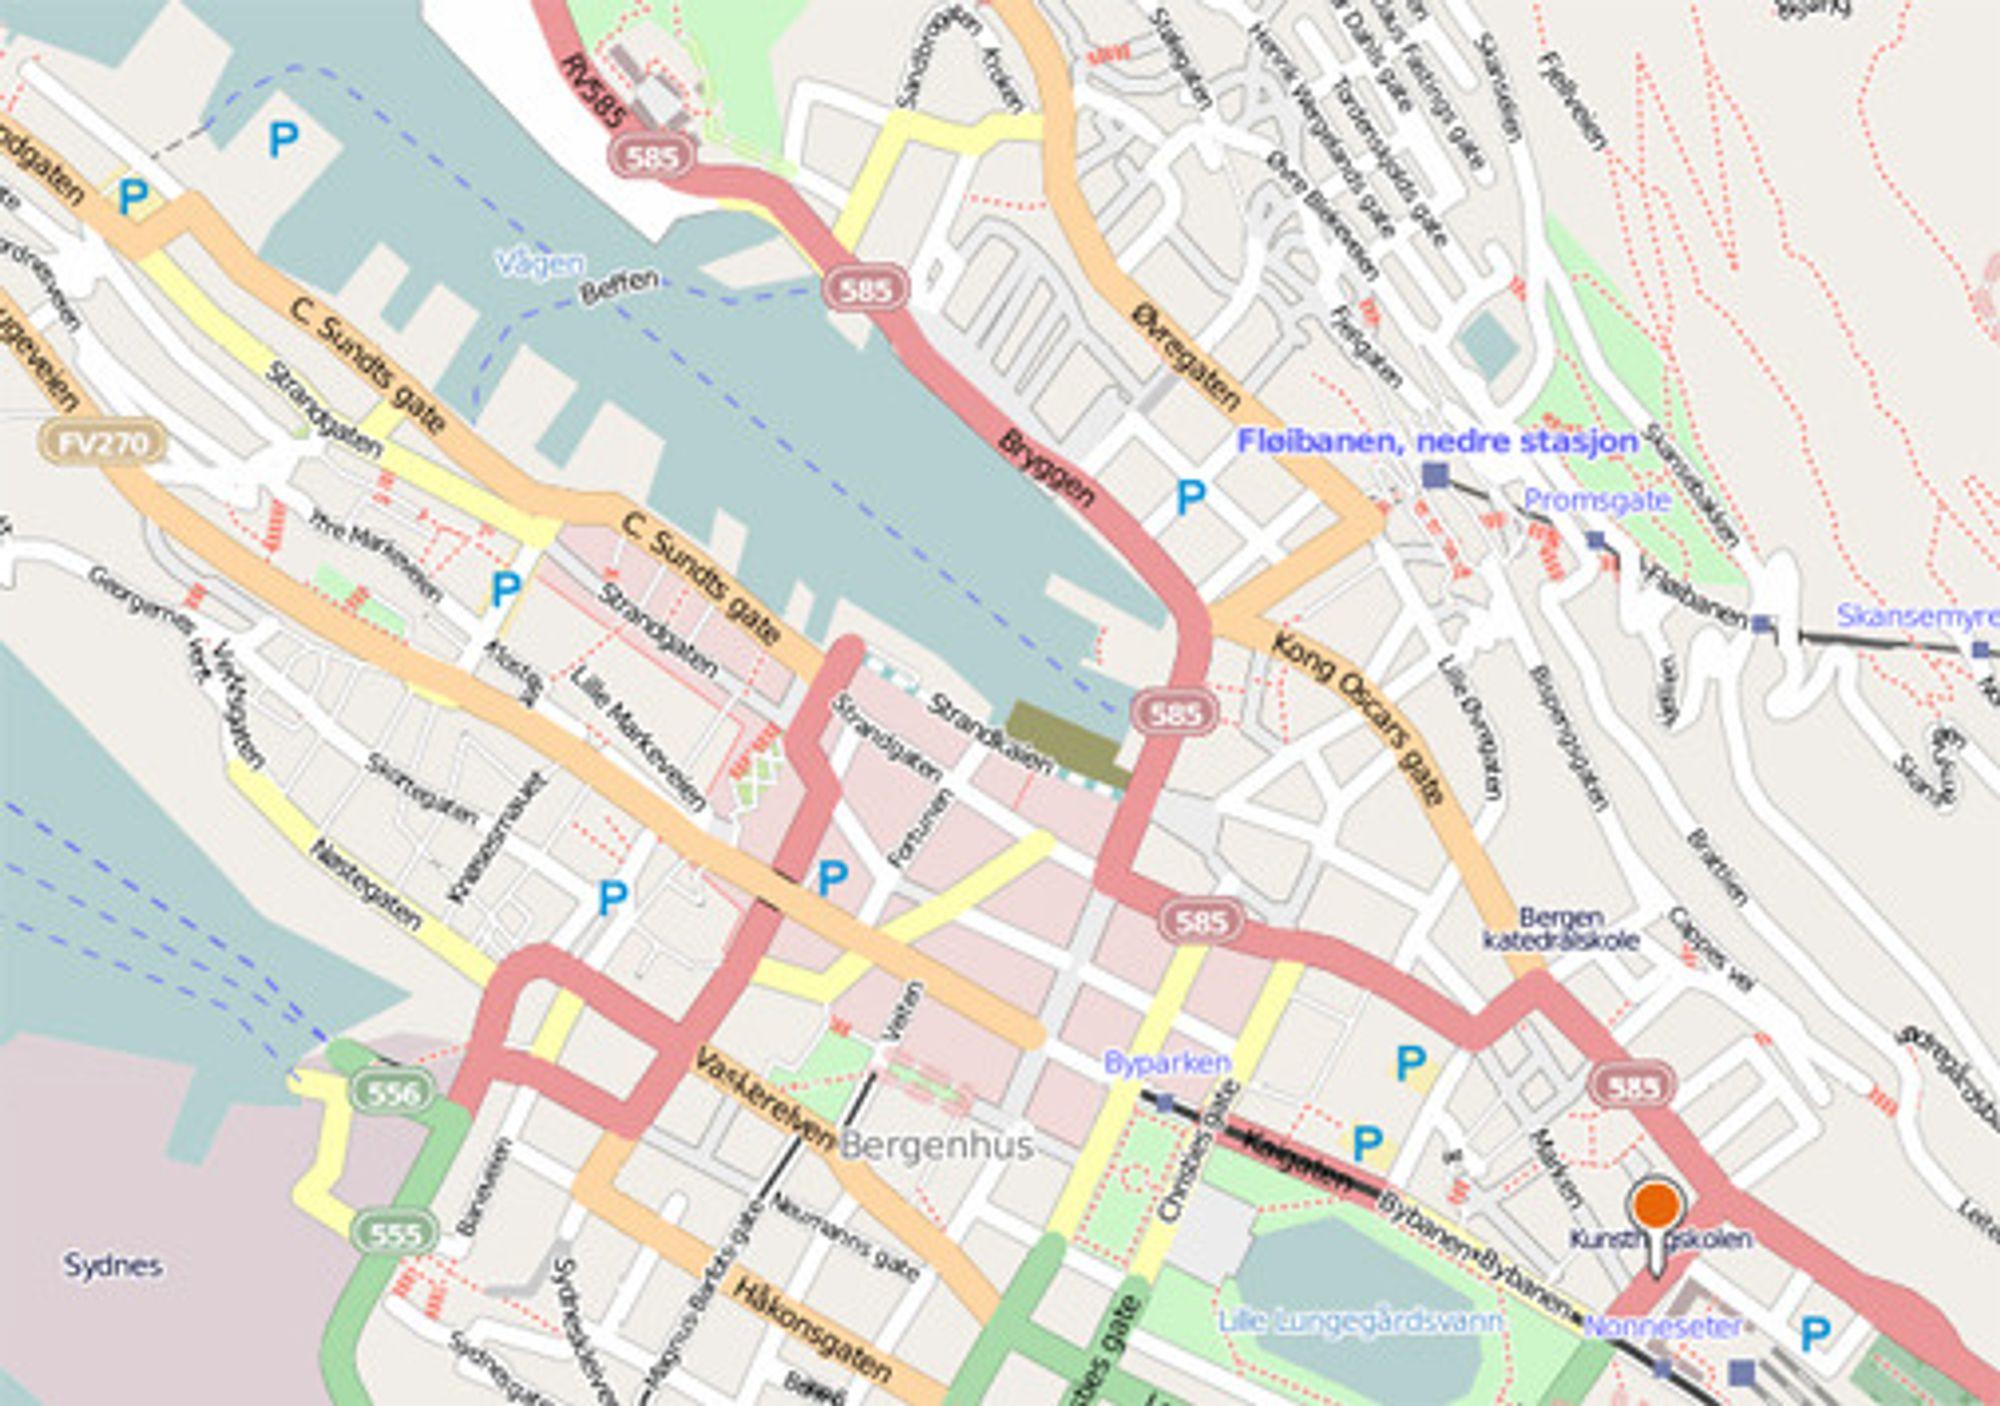 Slik ser sentrale Bergen ut med brukerskapte kartdata i Bing Maps med OpenStreetData.